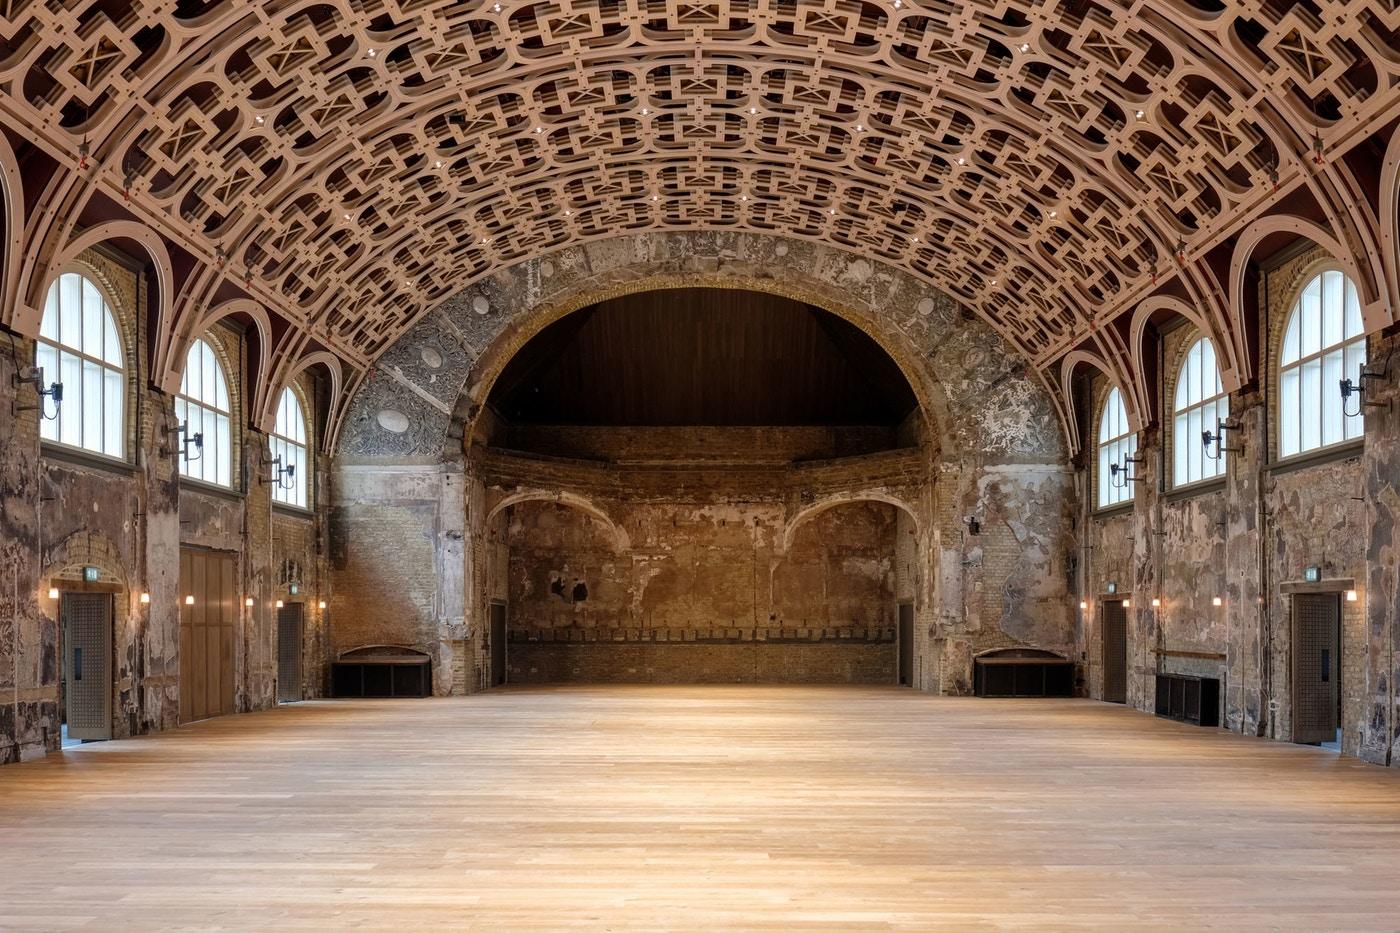 שימור התיאטרון Battersea Arts Centre BAC, לונדון